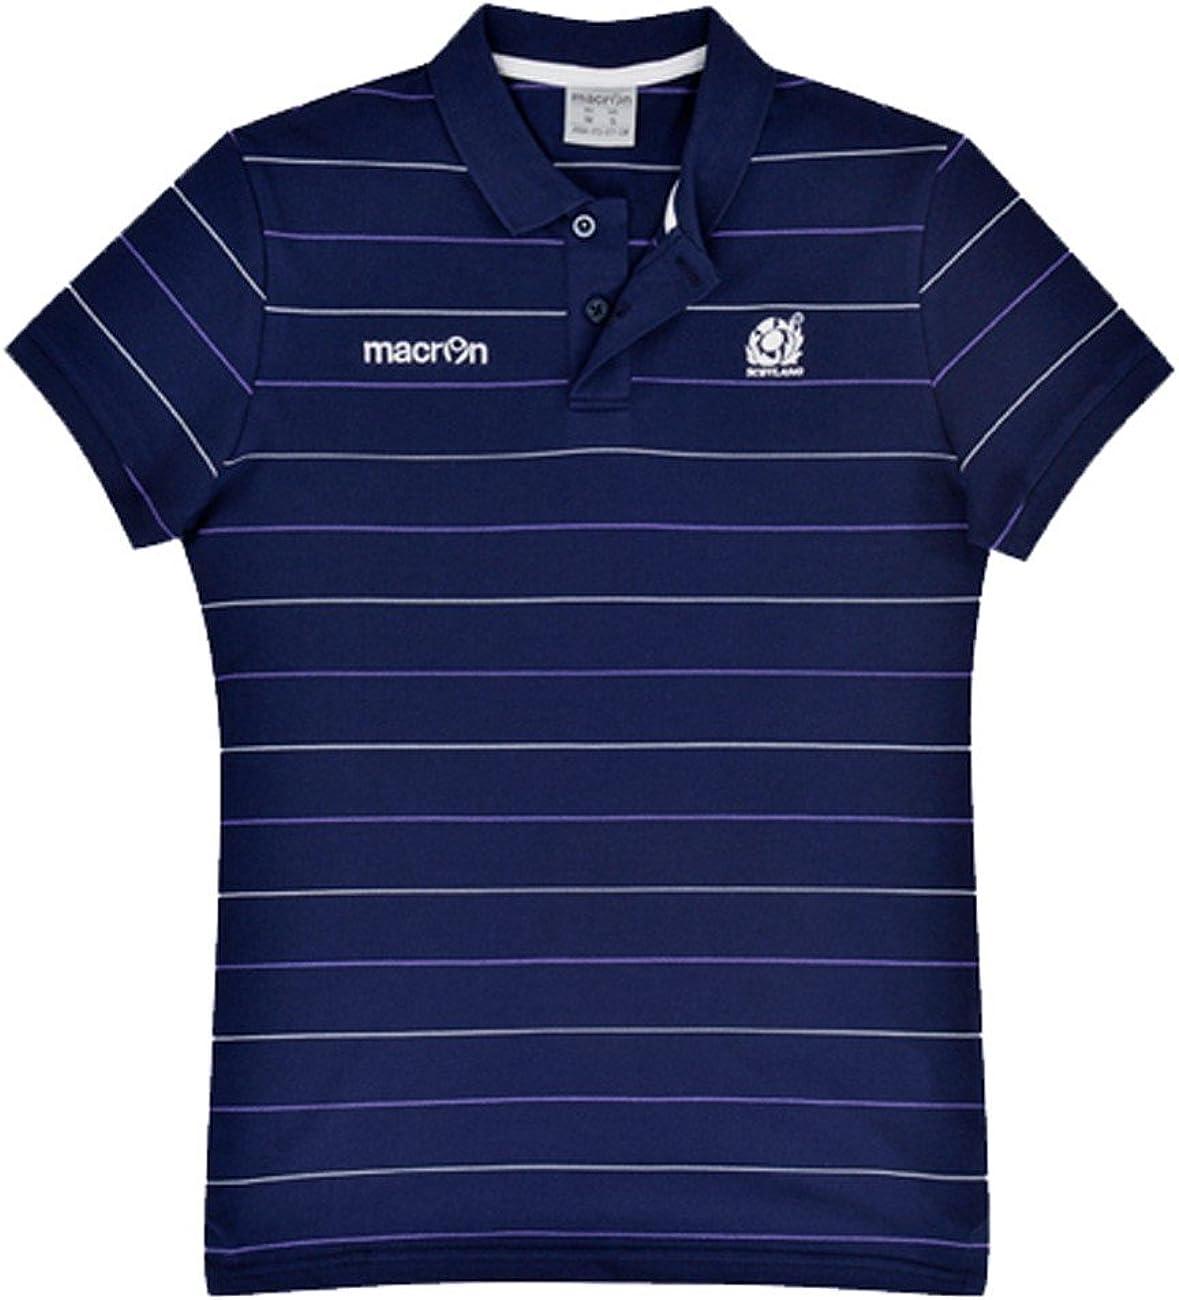 Macron Polo de Escocia Equipo de Rugby XL, Azul: Amazon.es: Ropa y ...